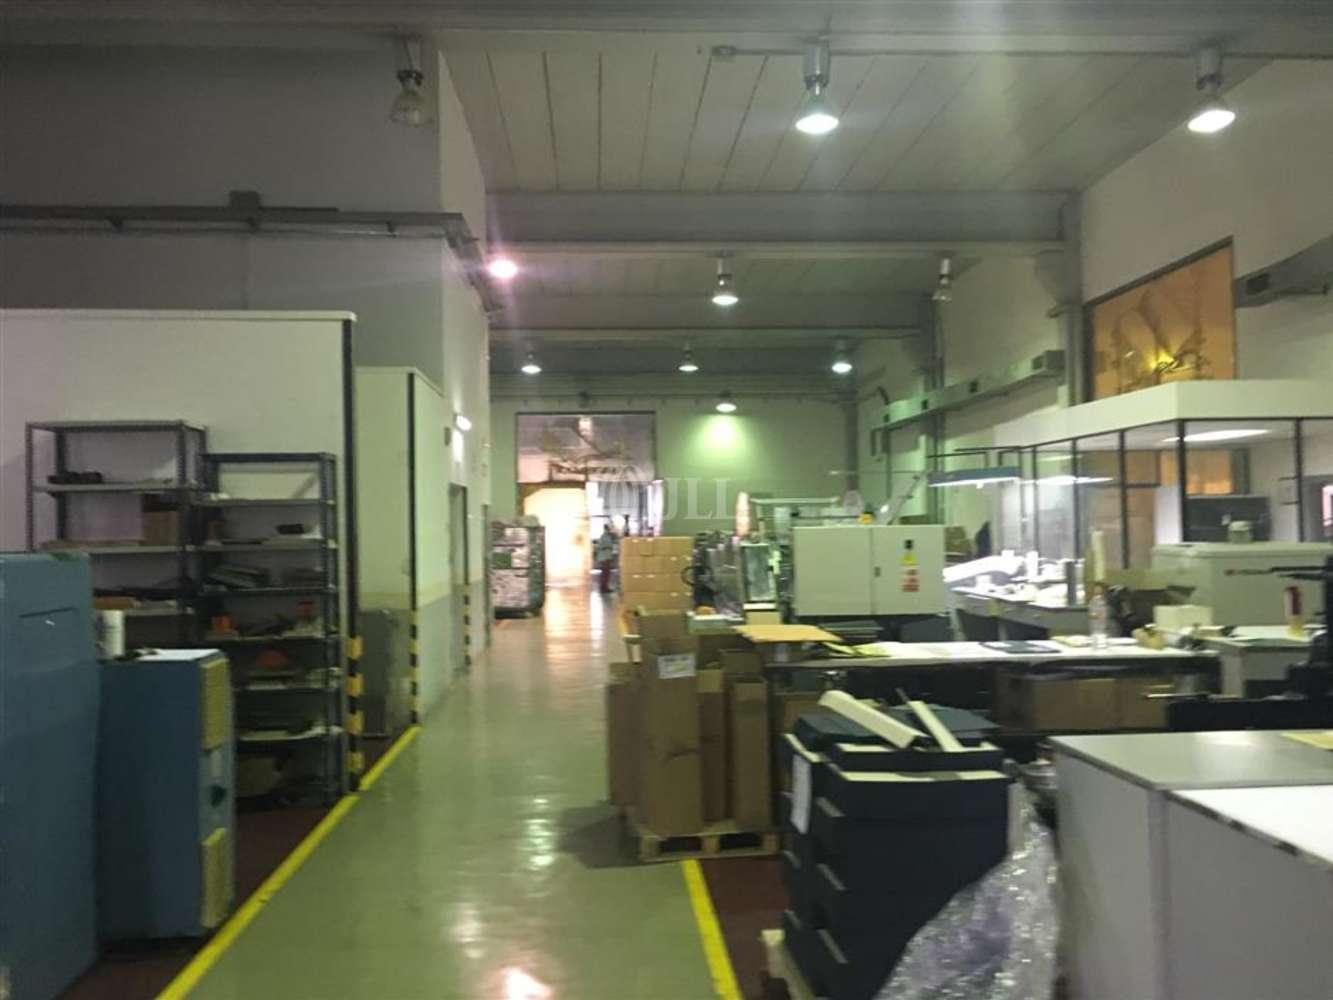 Naves industriales y logísticas Cornellà de llobregat, 08940 - Nave Industrial - B0355 - PI ALMEDA - 10532